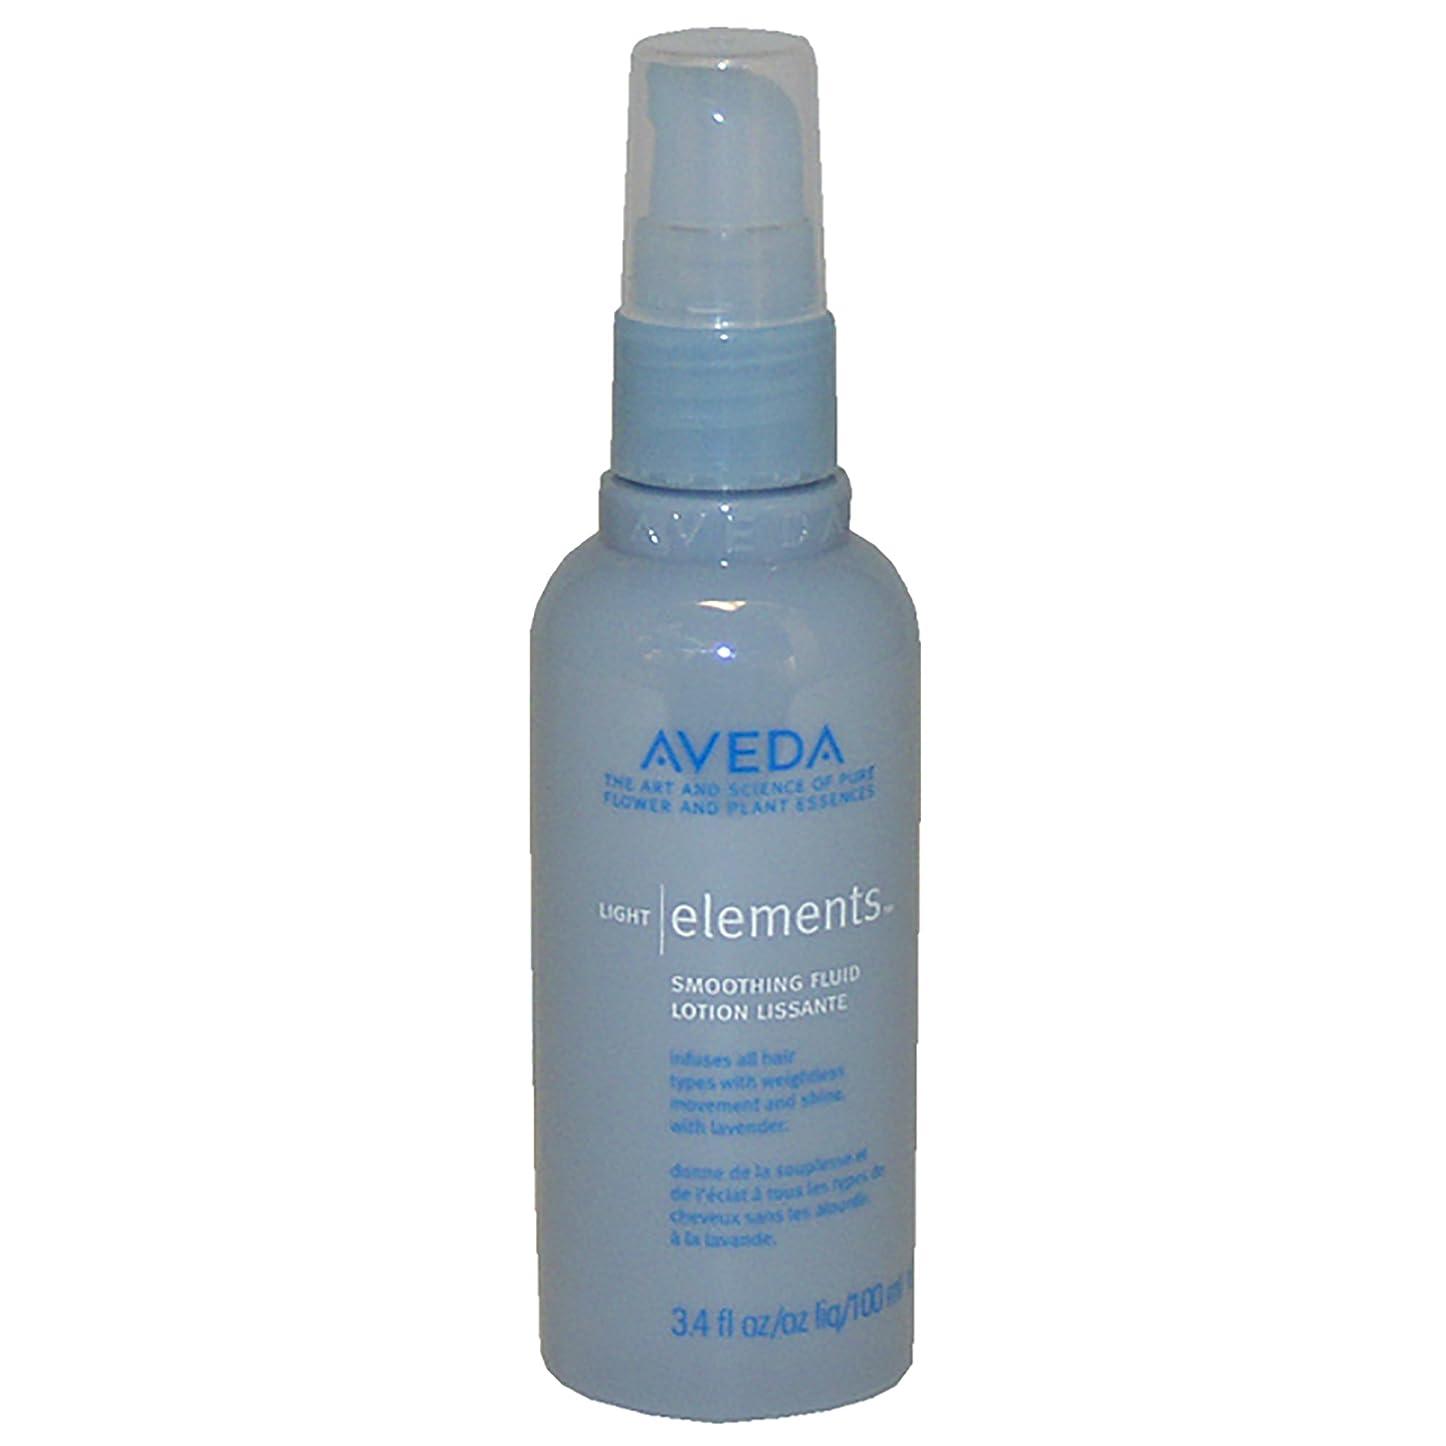 報告書フェッチ納税者Aveda Light Elements Smoothing Fluid 100ml [並行輸入品]